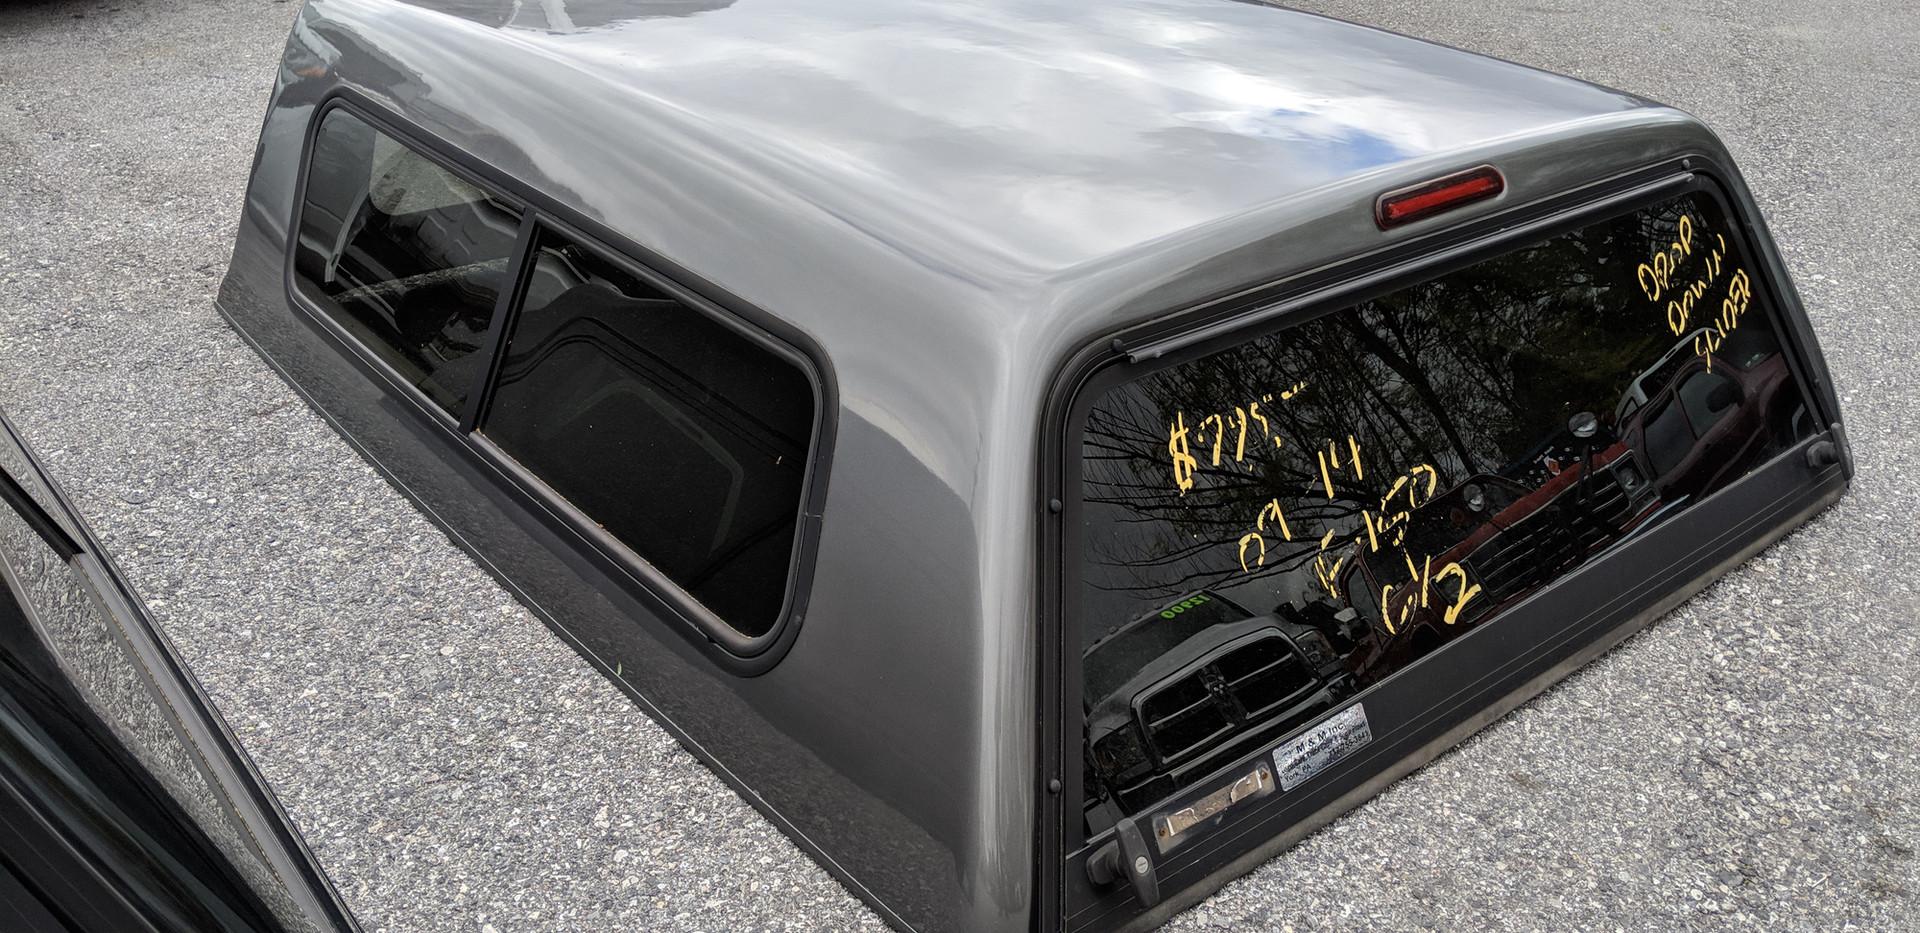 cab hi truck cap